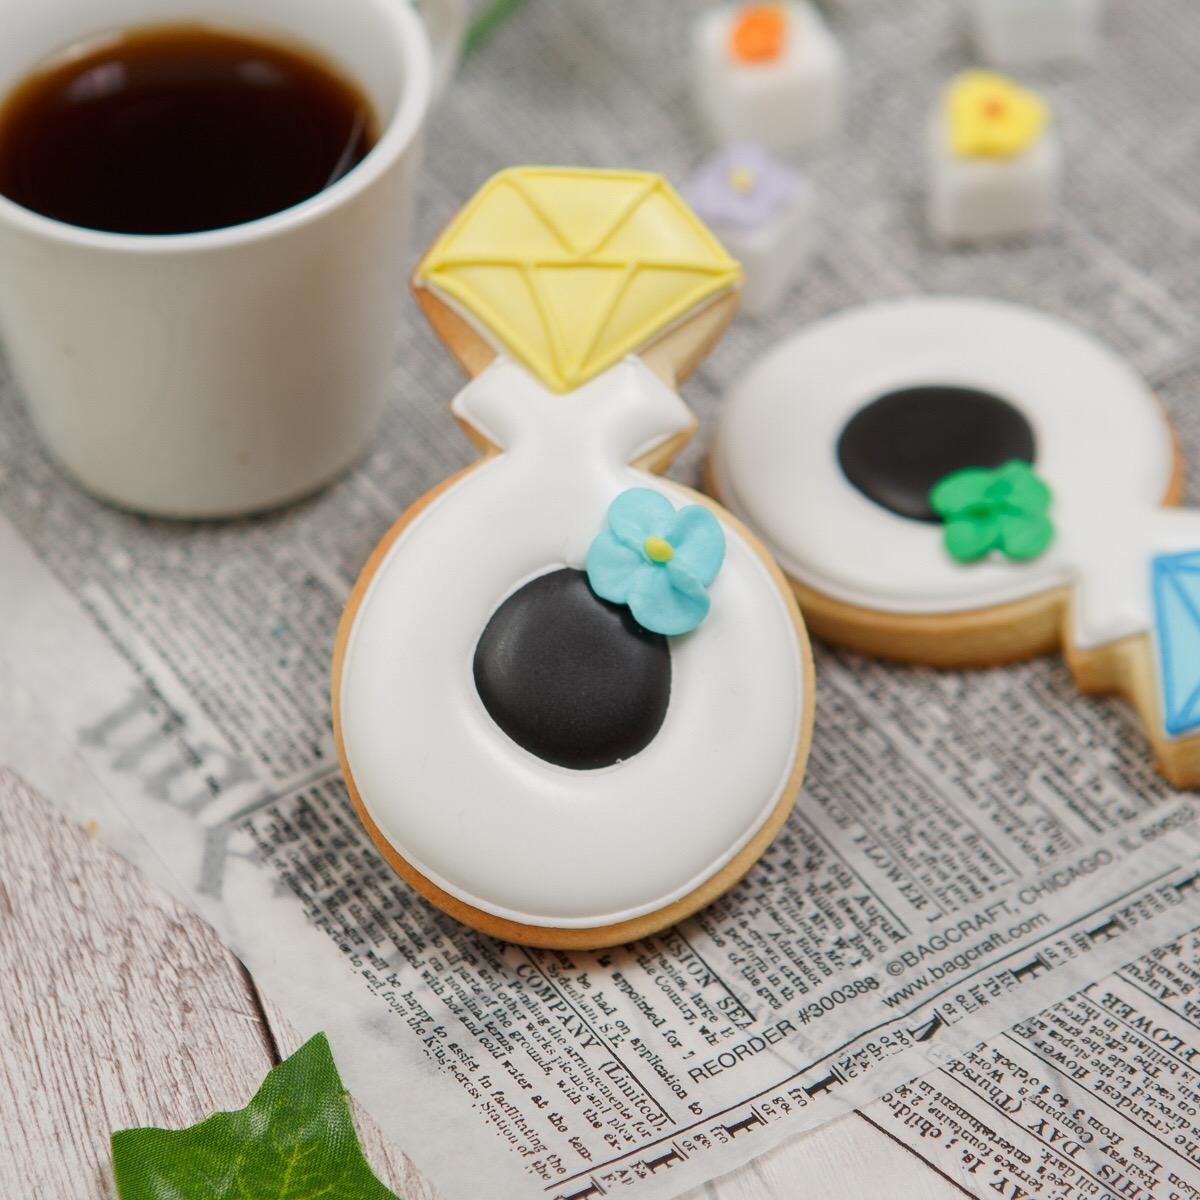 指輪クッキーにオリジナルメッセージを添えて ランキング総合1位 オリジナルメッセージ入り 指輪クッキー アイシングクッキー クッキー プチギフト 指輪 名入れ 至上 文字入れ お菓子 かわいい